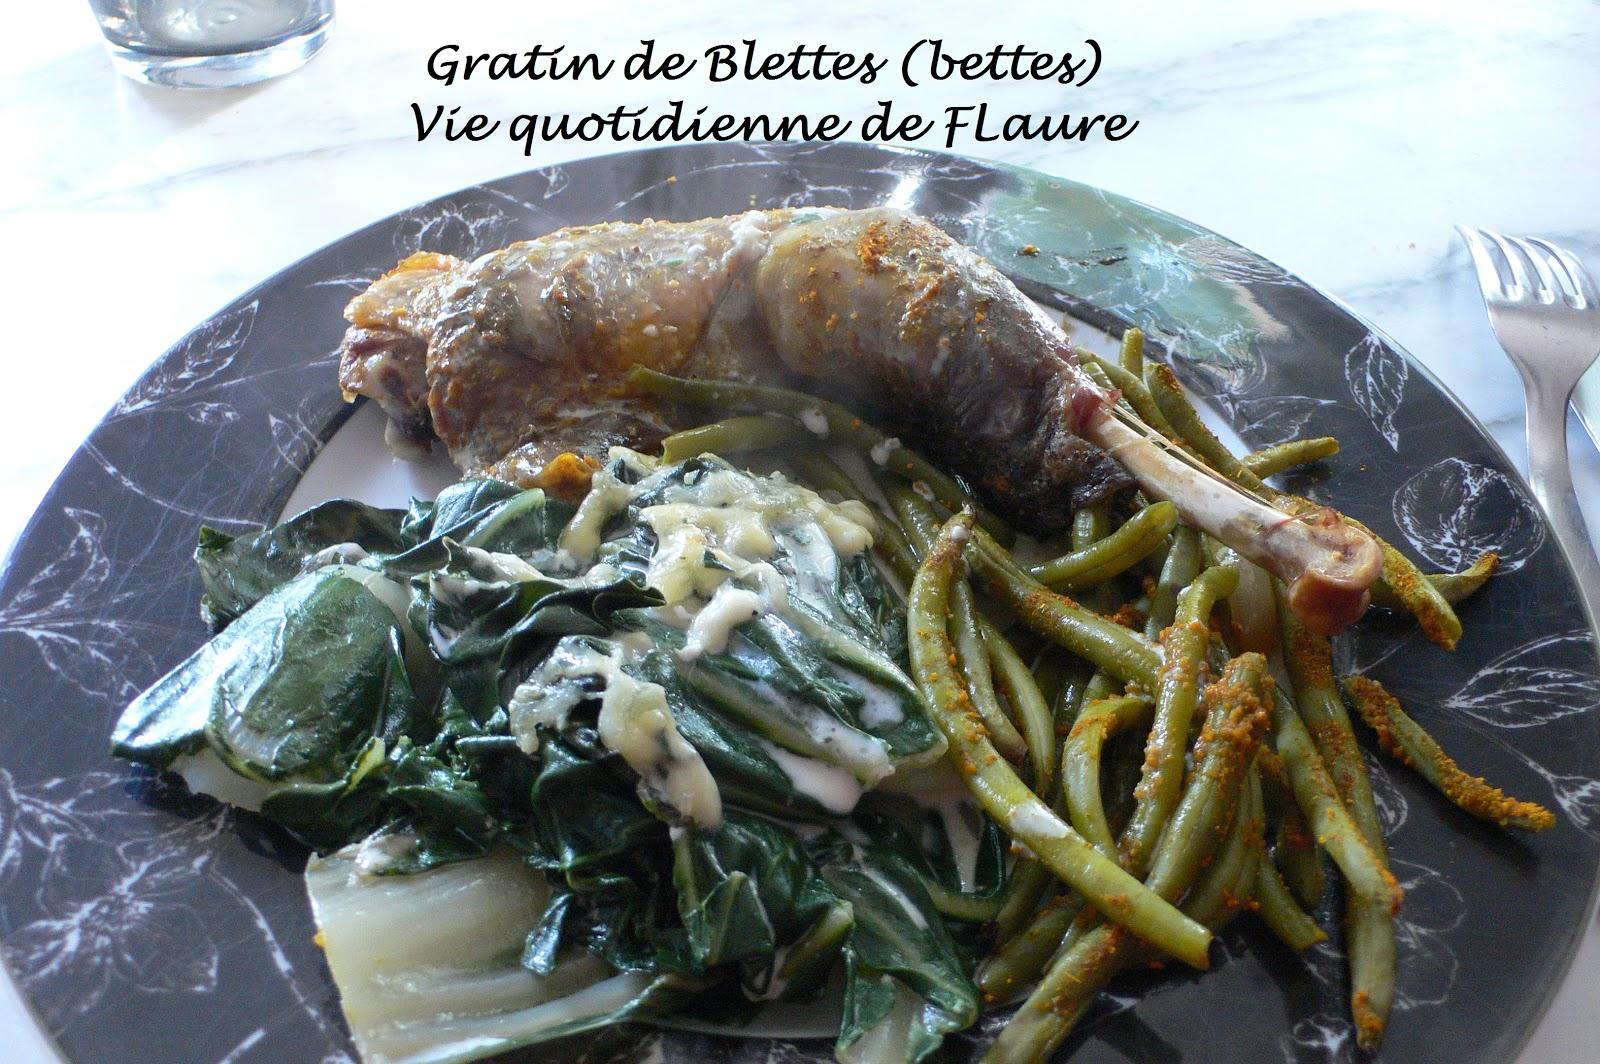 Gratin de blettes bettes - Comment cuisiner les feuilles de blettes ...